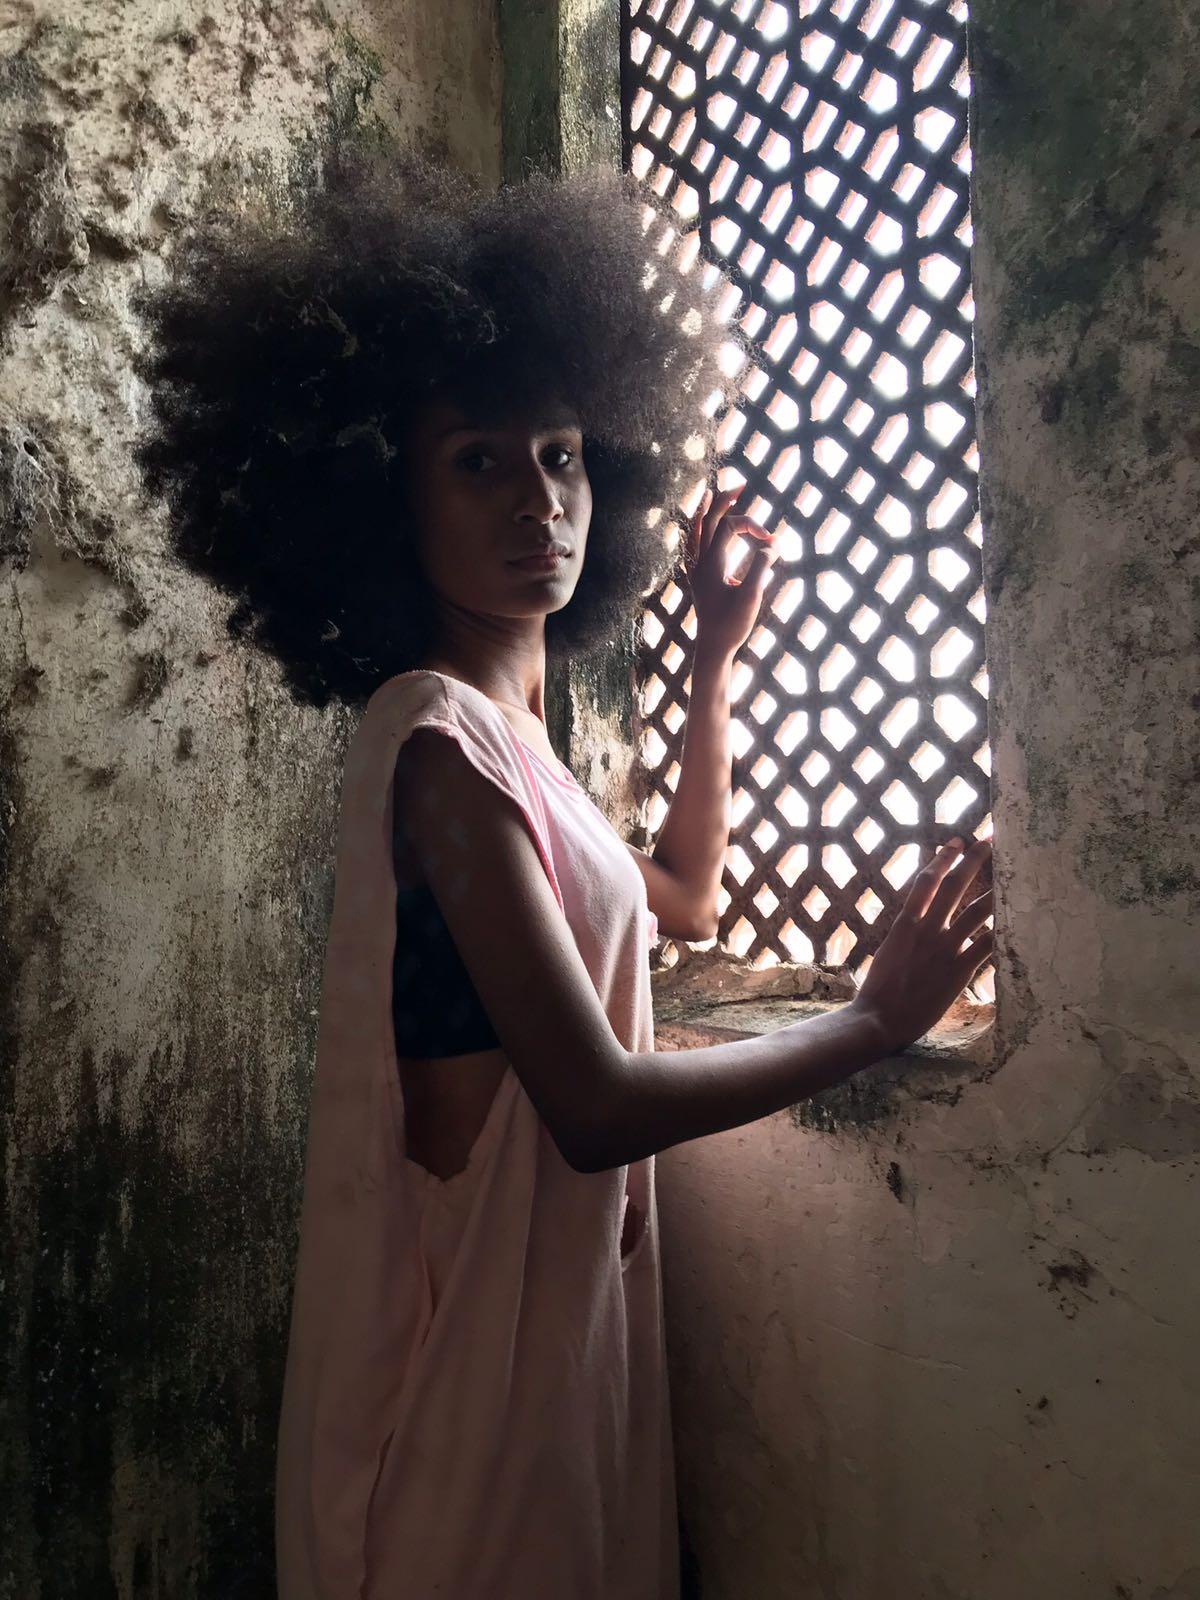 Crystal    Directed by Meschida Philip   Grenada, 2019